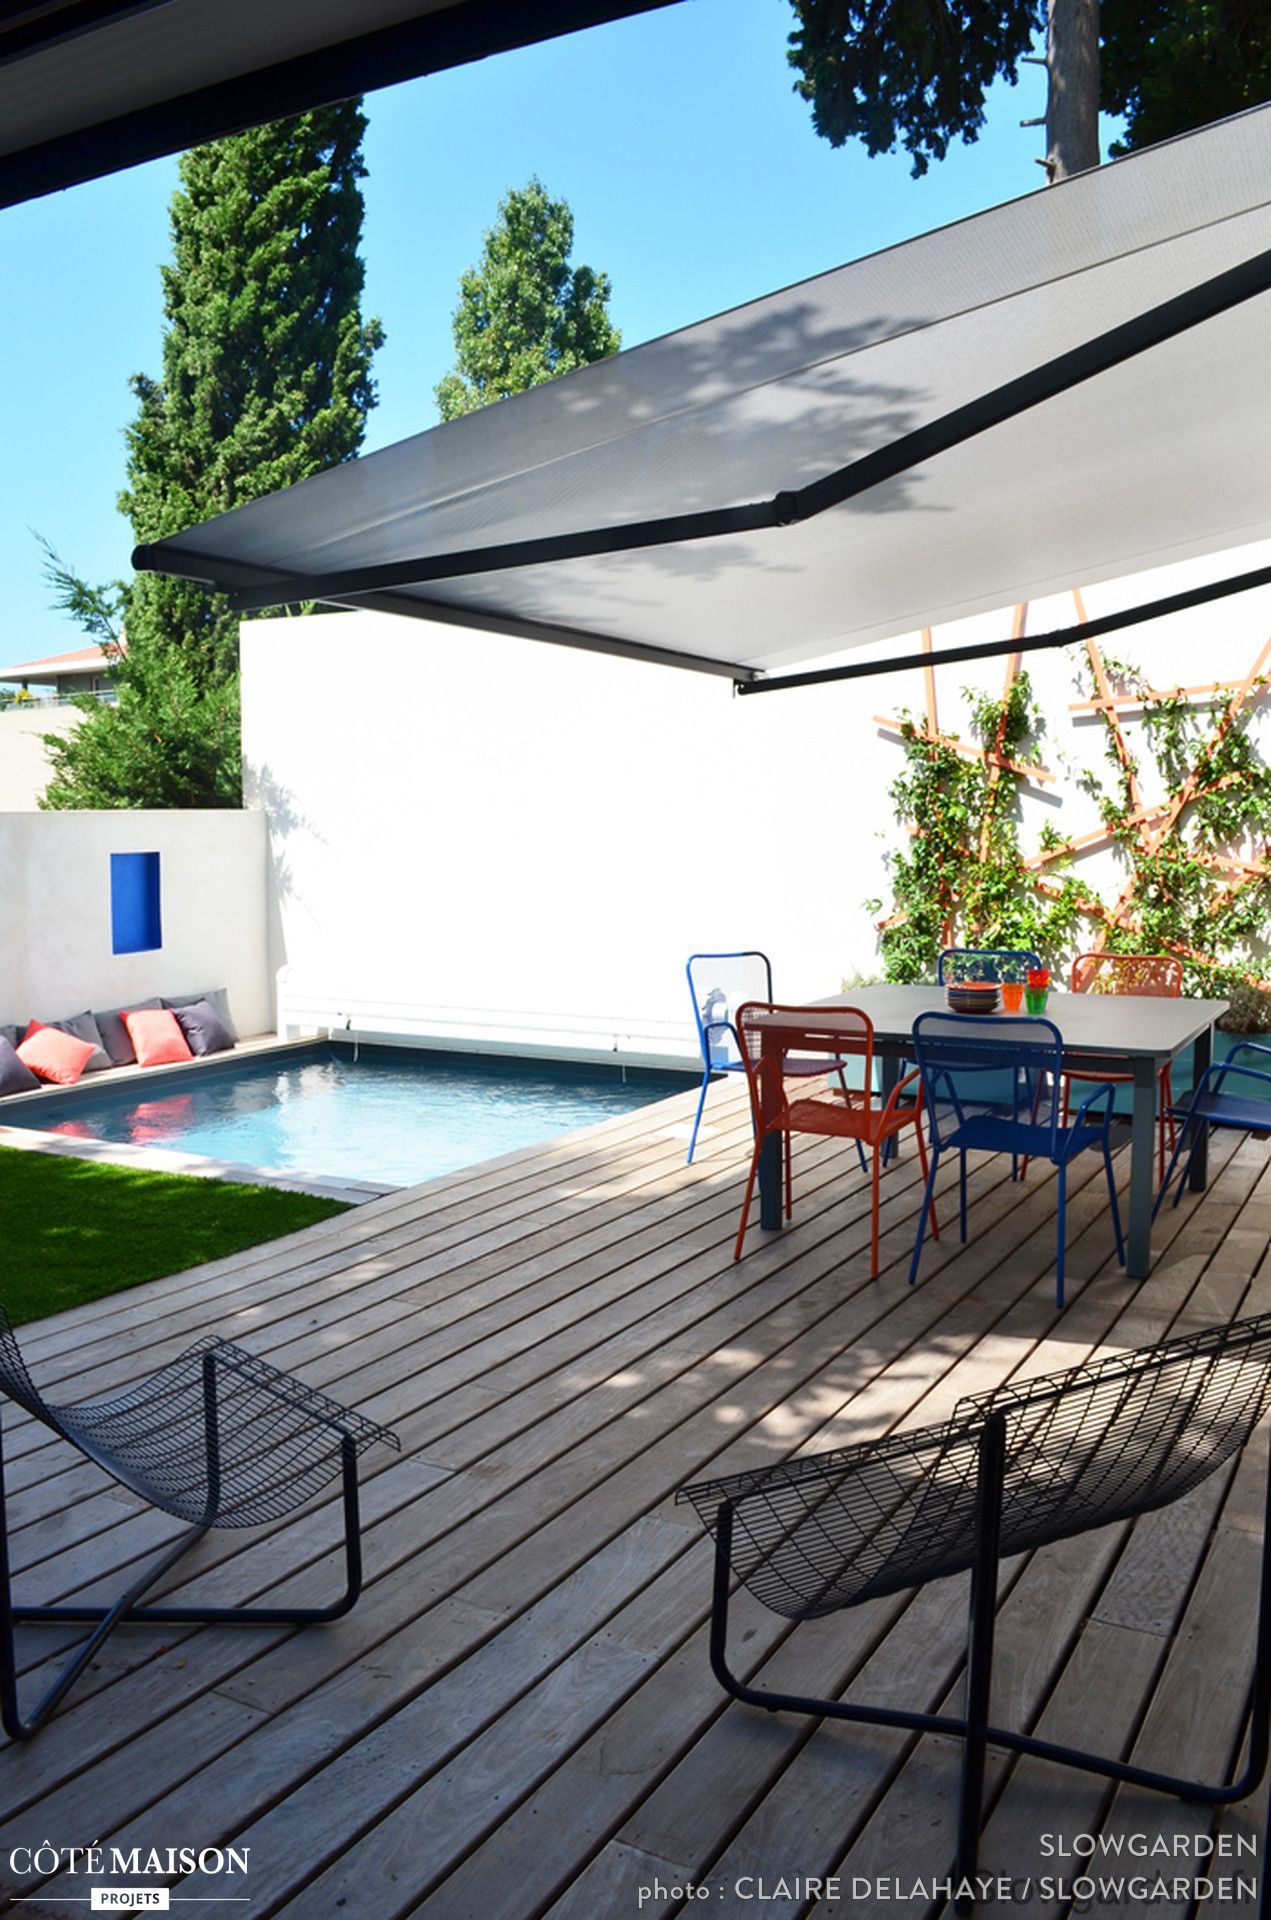 petite terrasse avec piscine slowgarden c t maison ext rieur pinterest petite terrasse. Black Bedroom Furniture Sets. Home Design Ideas